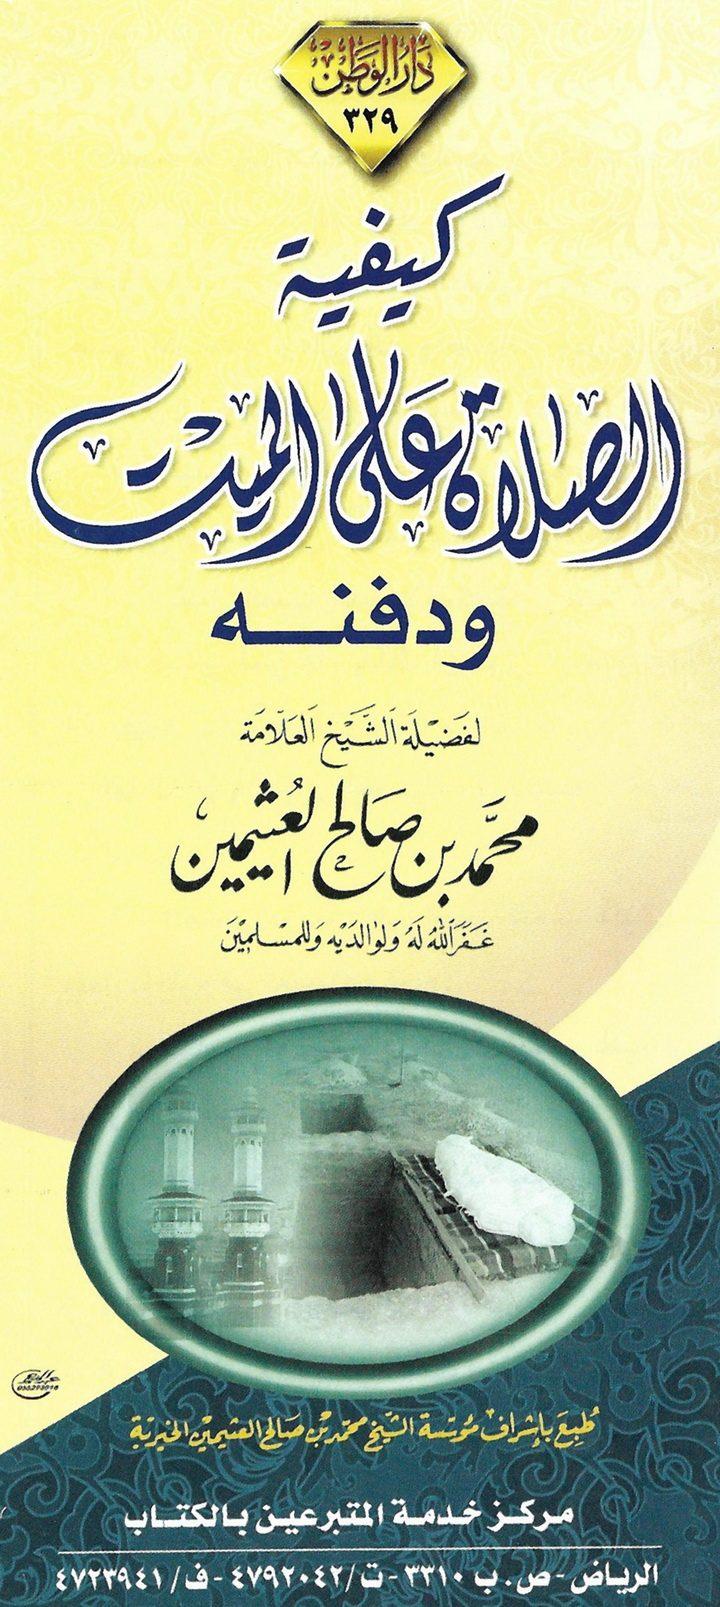 كيفيّة الصلاة على الميّت ودفنه (محمد بن صالح العثيمين – دار الوطن)